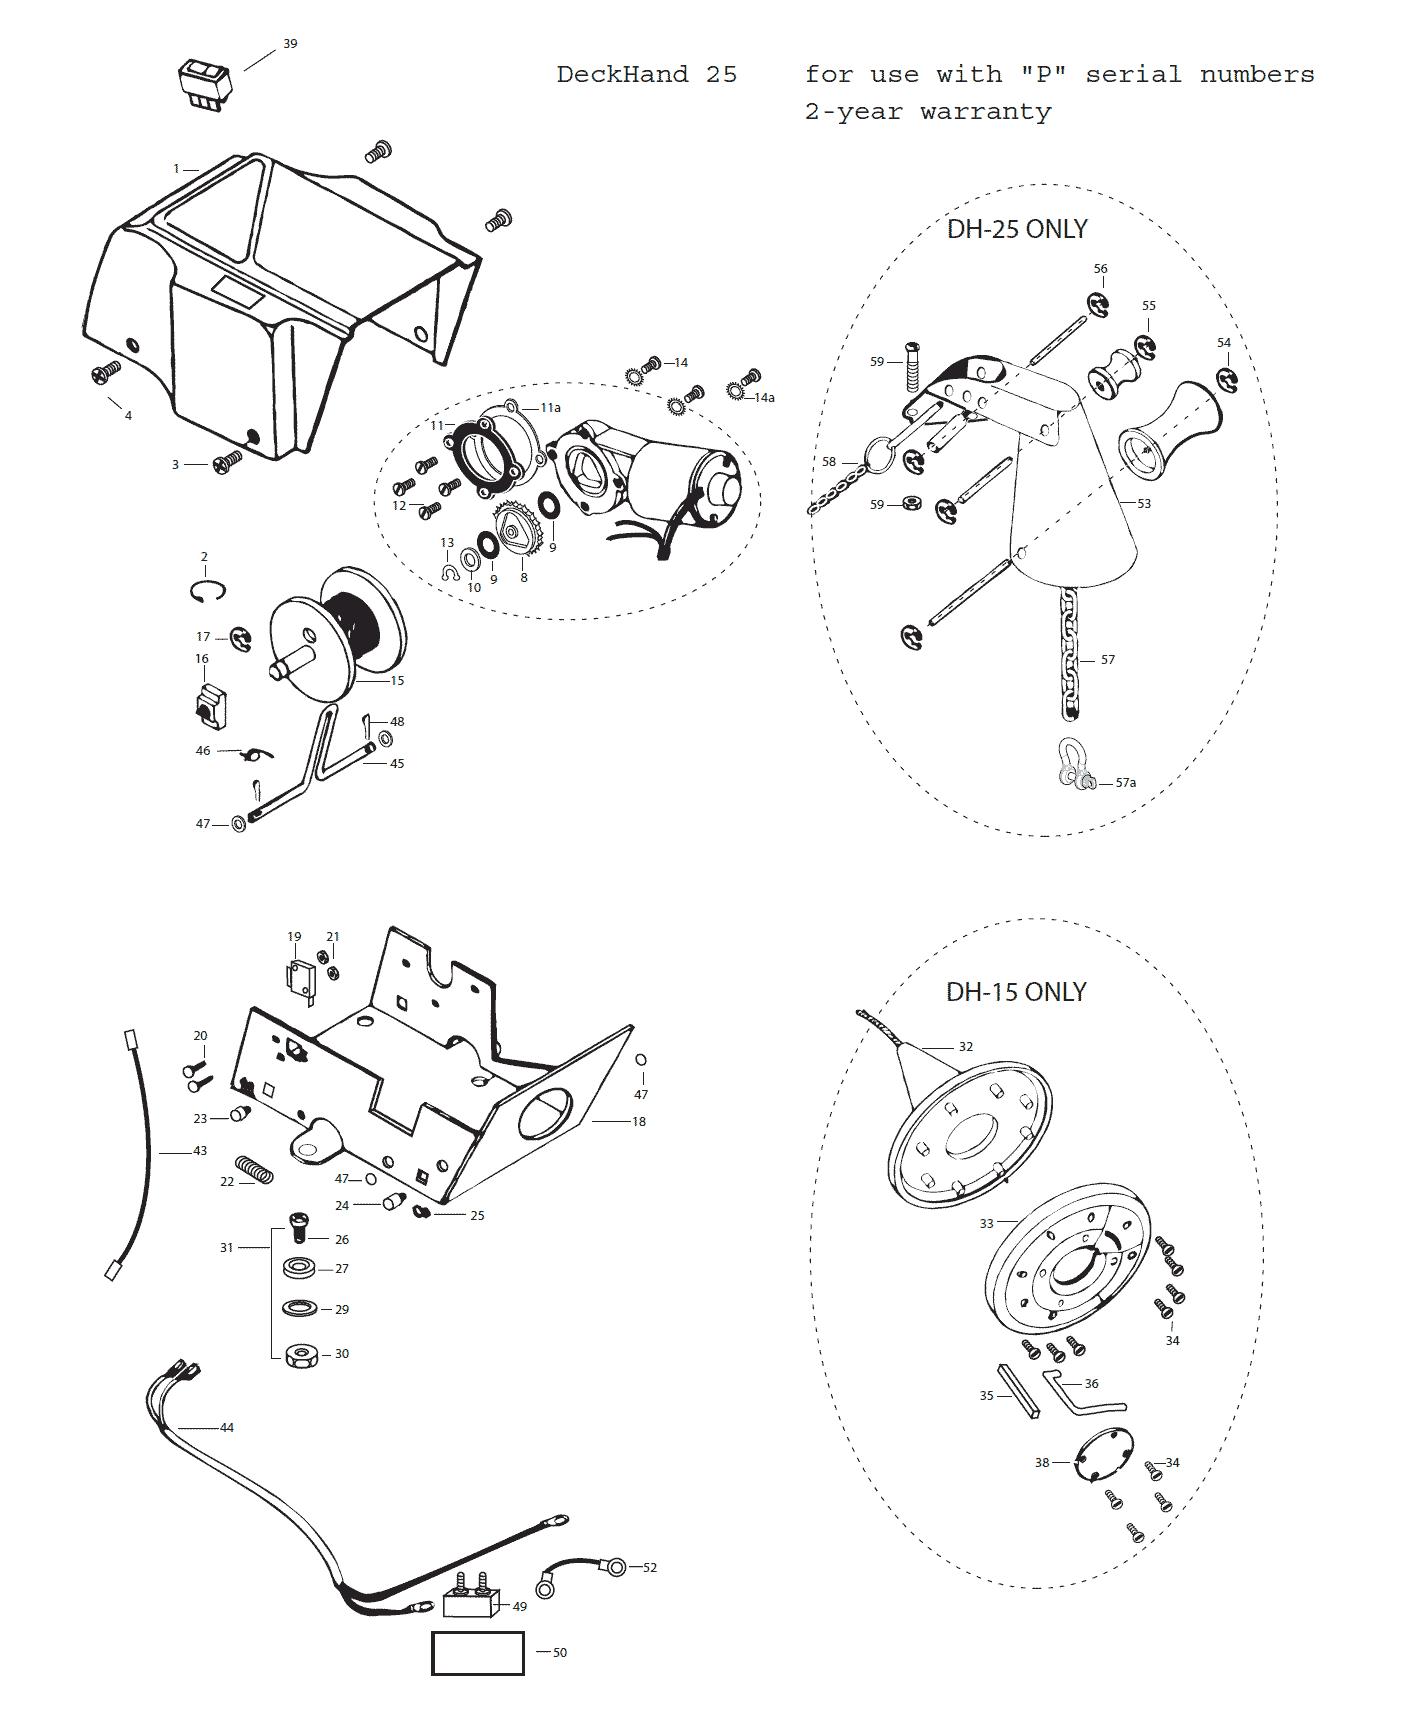 Minn Kota Deckhand 25 Parts